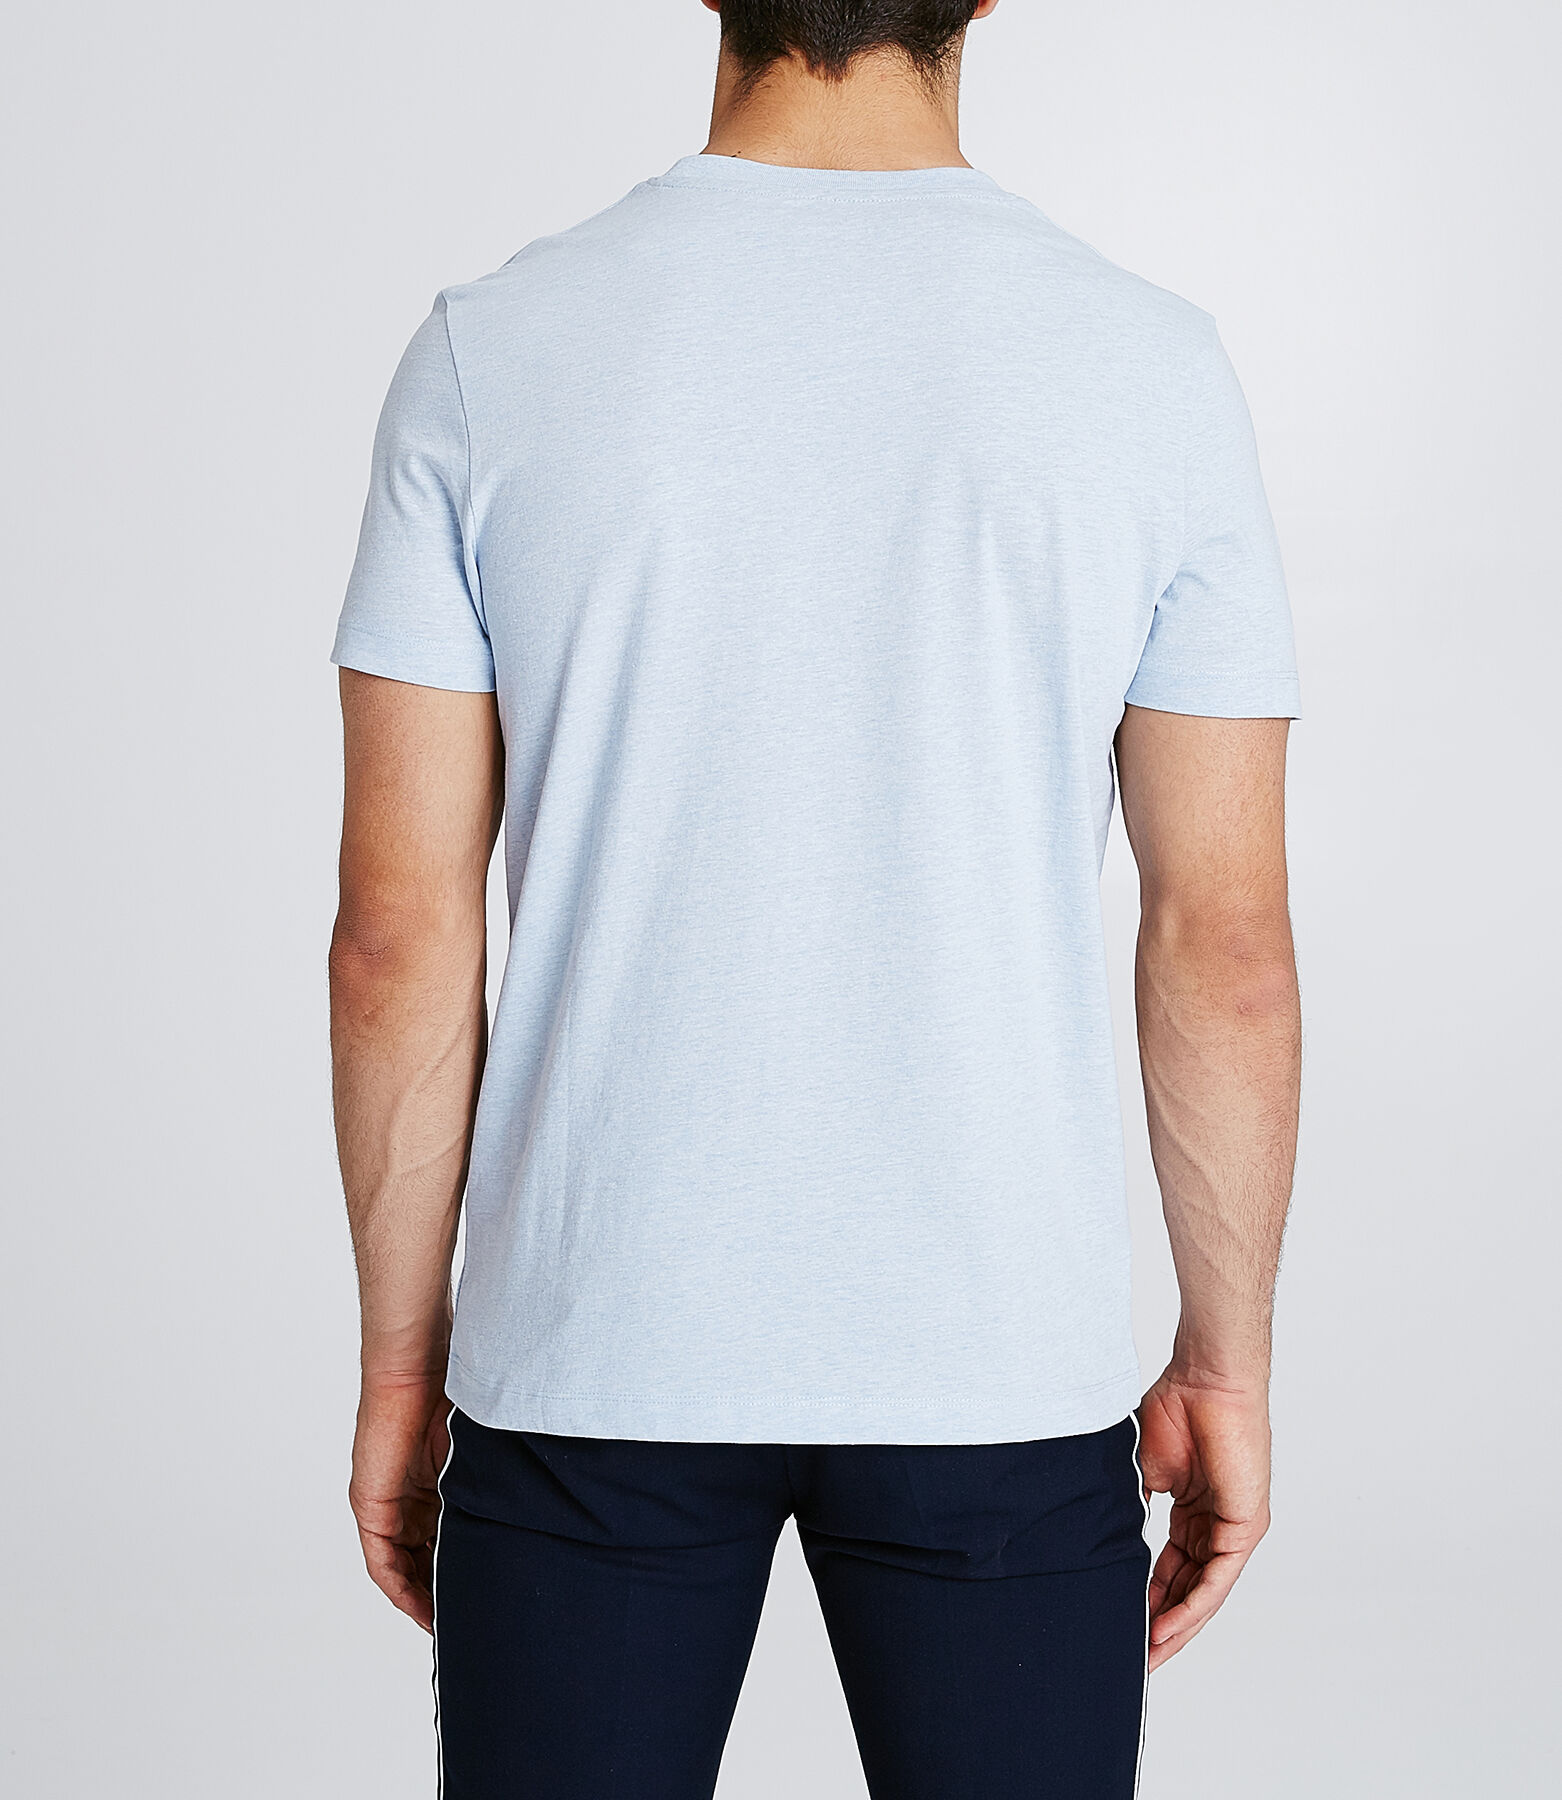 T-shirt met print van regio Isère/Savoie